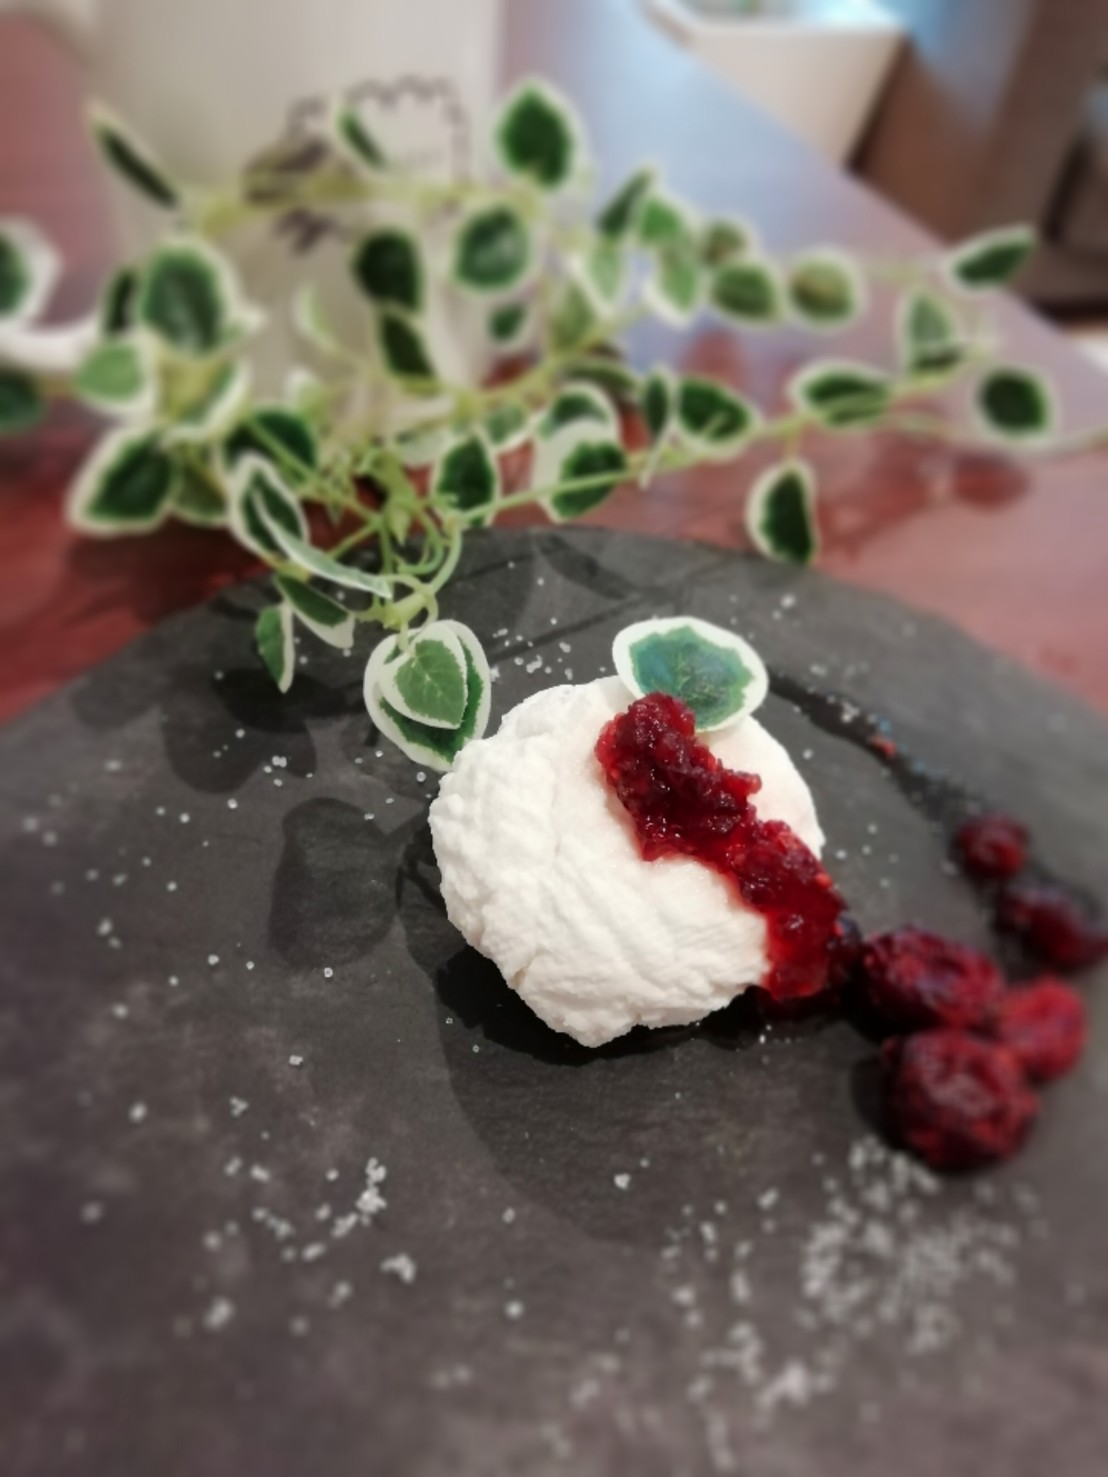 超濃厚!生クリーム不使用のヨーグルトケーキ